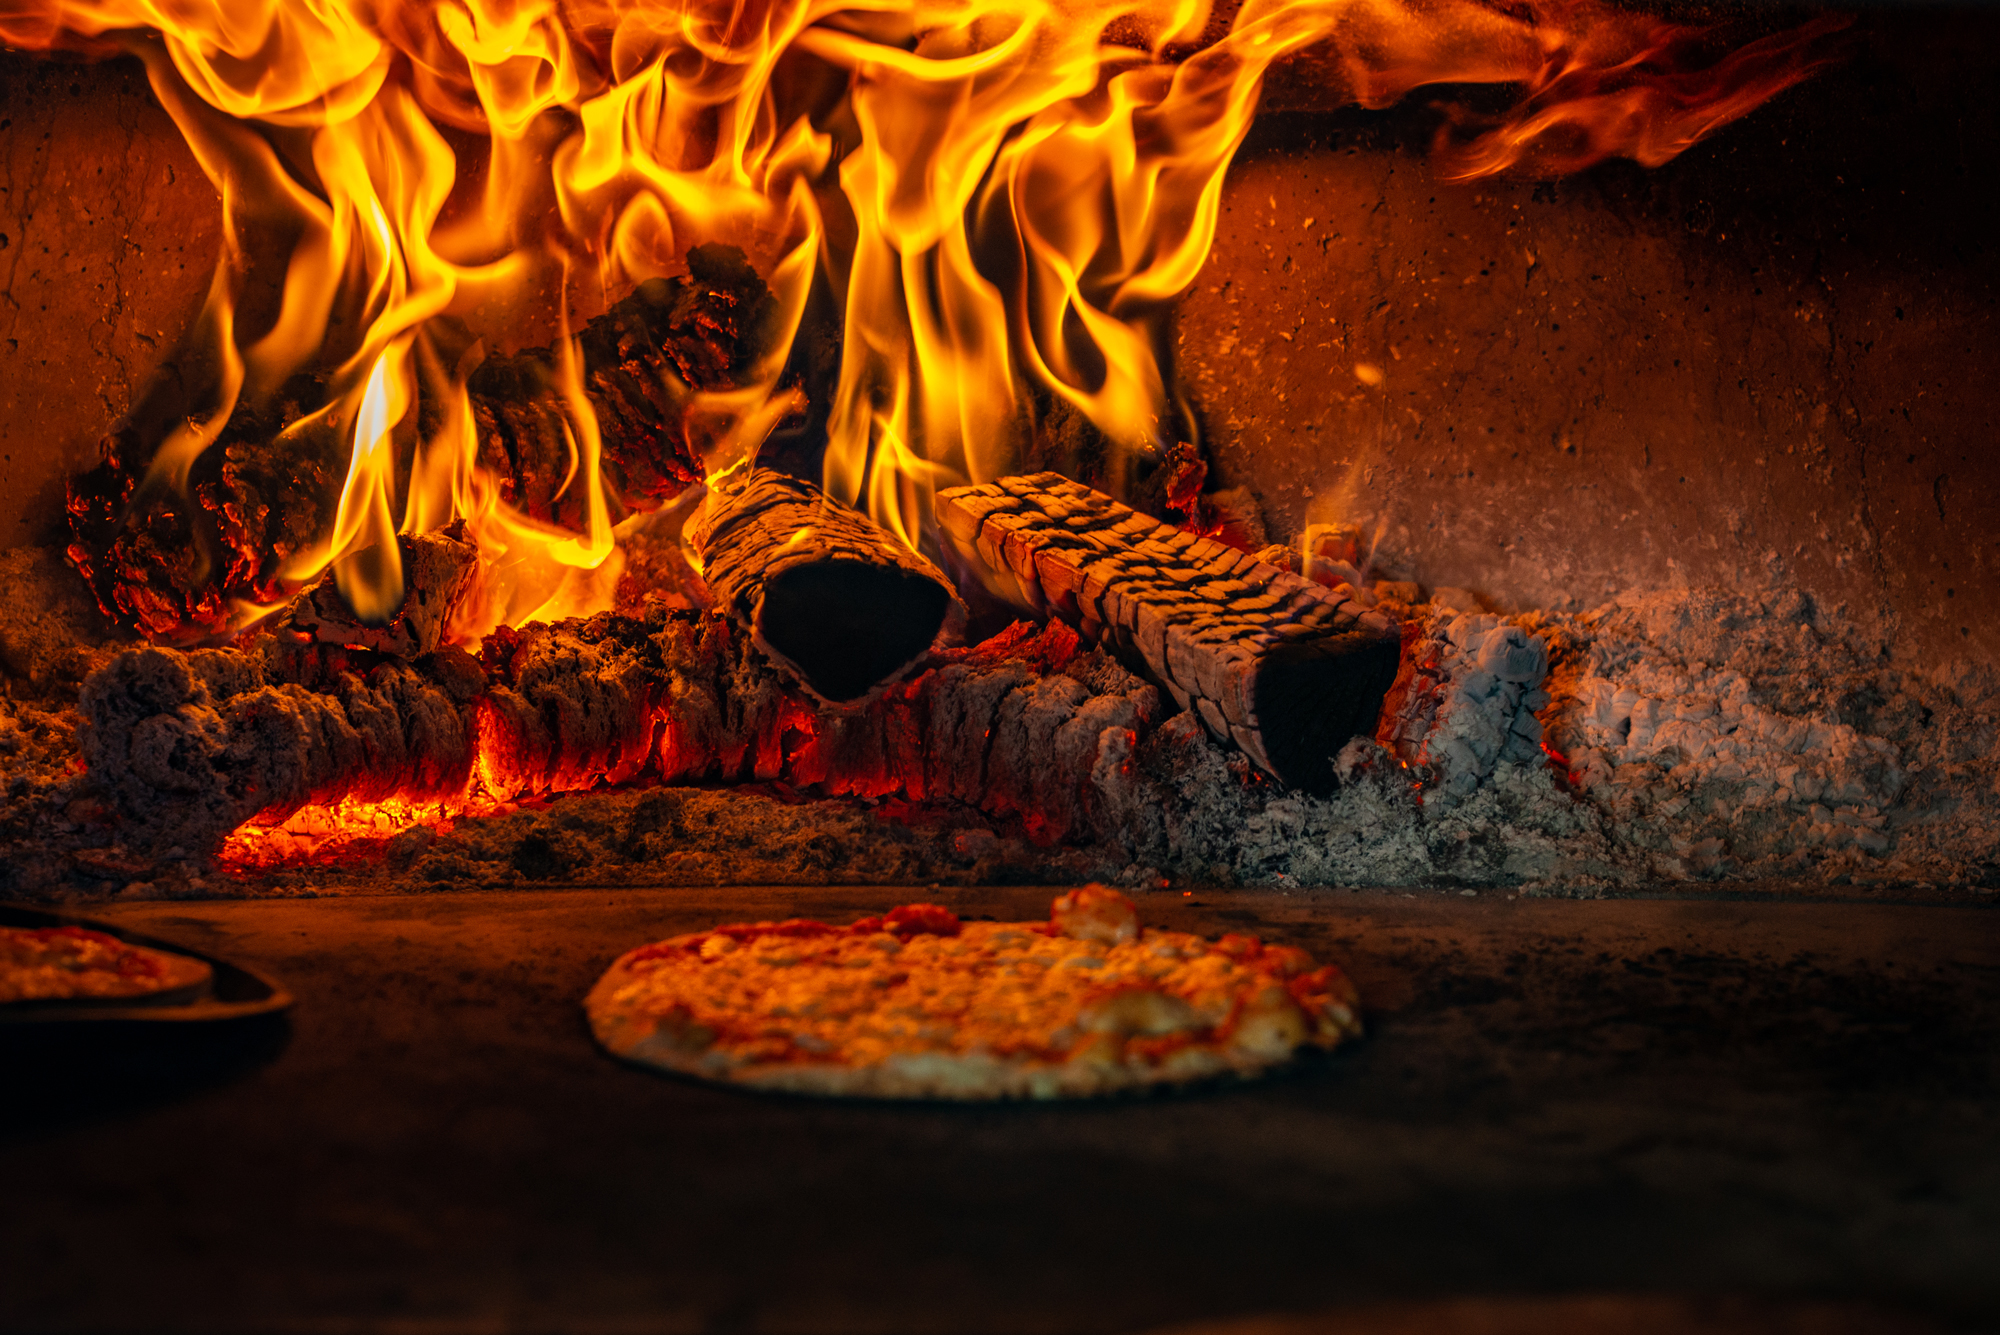 Dartmouth Food Festival 2019 pizza in oven